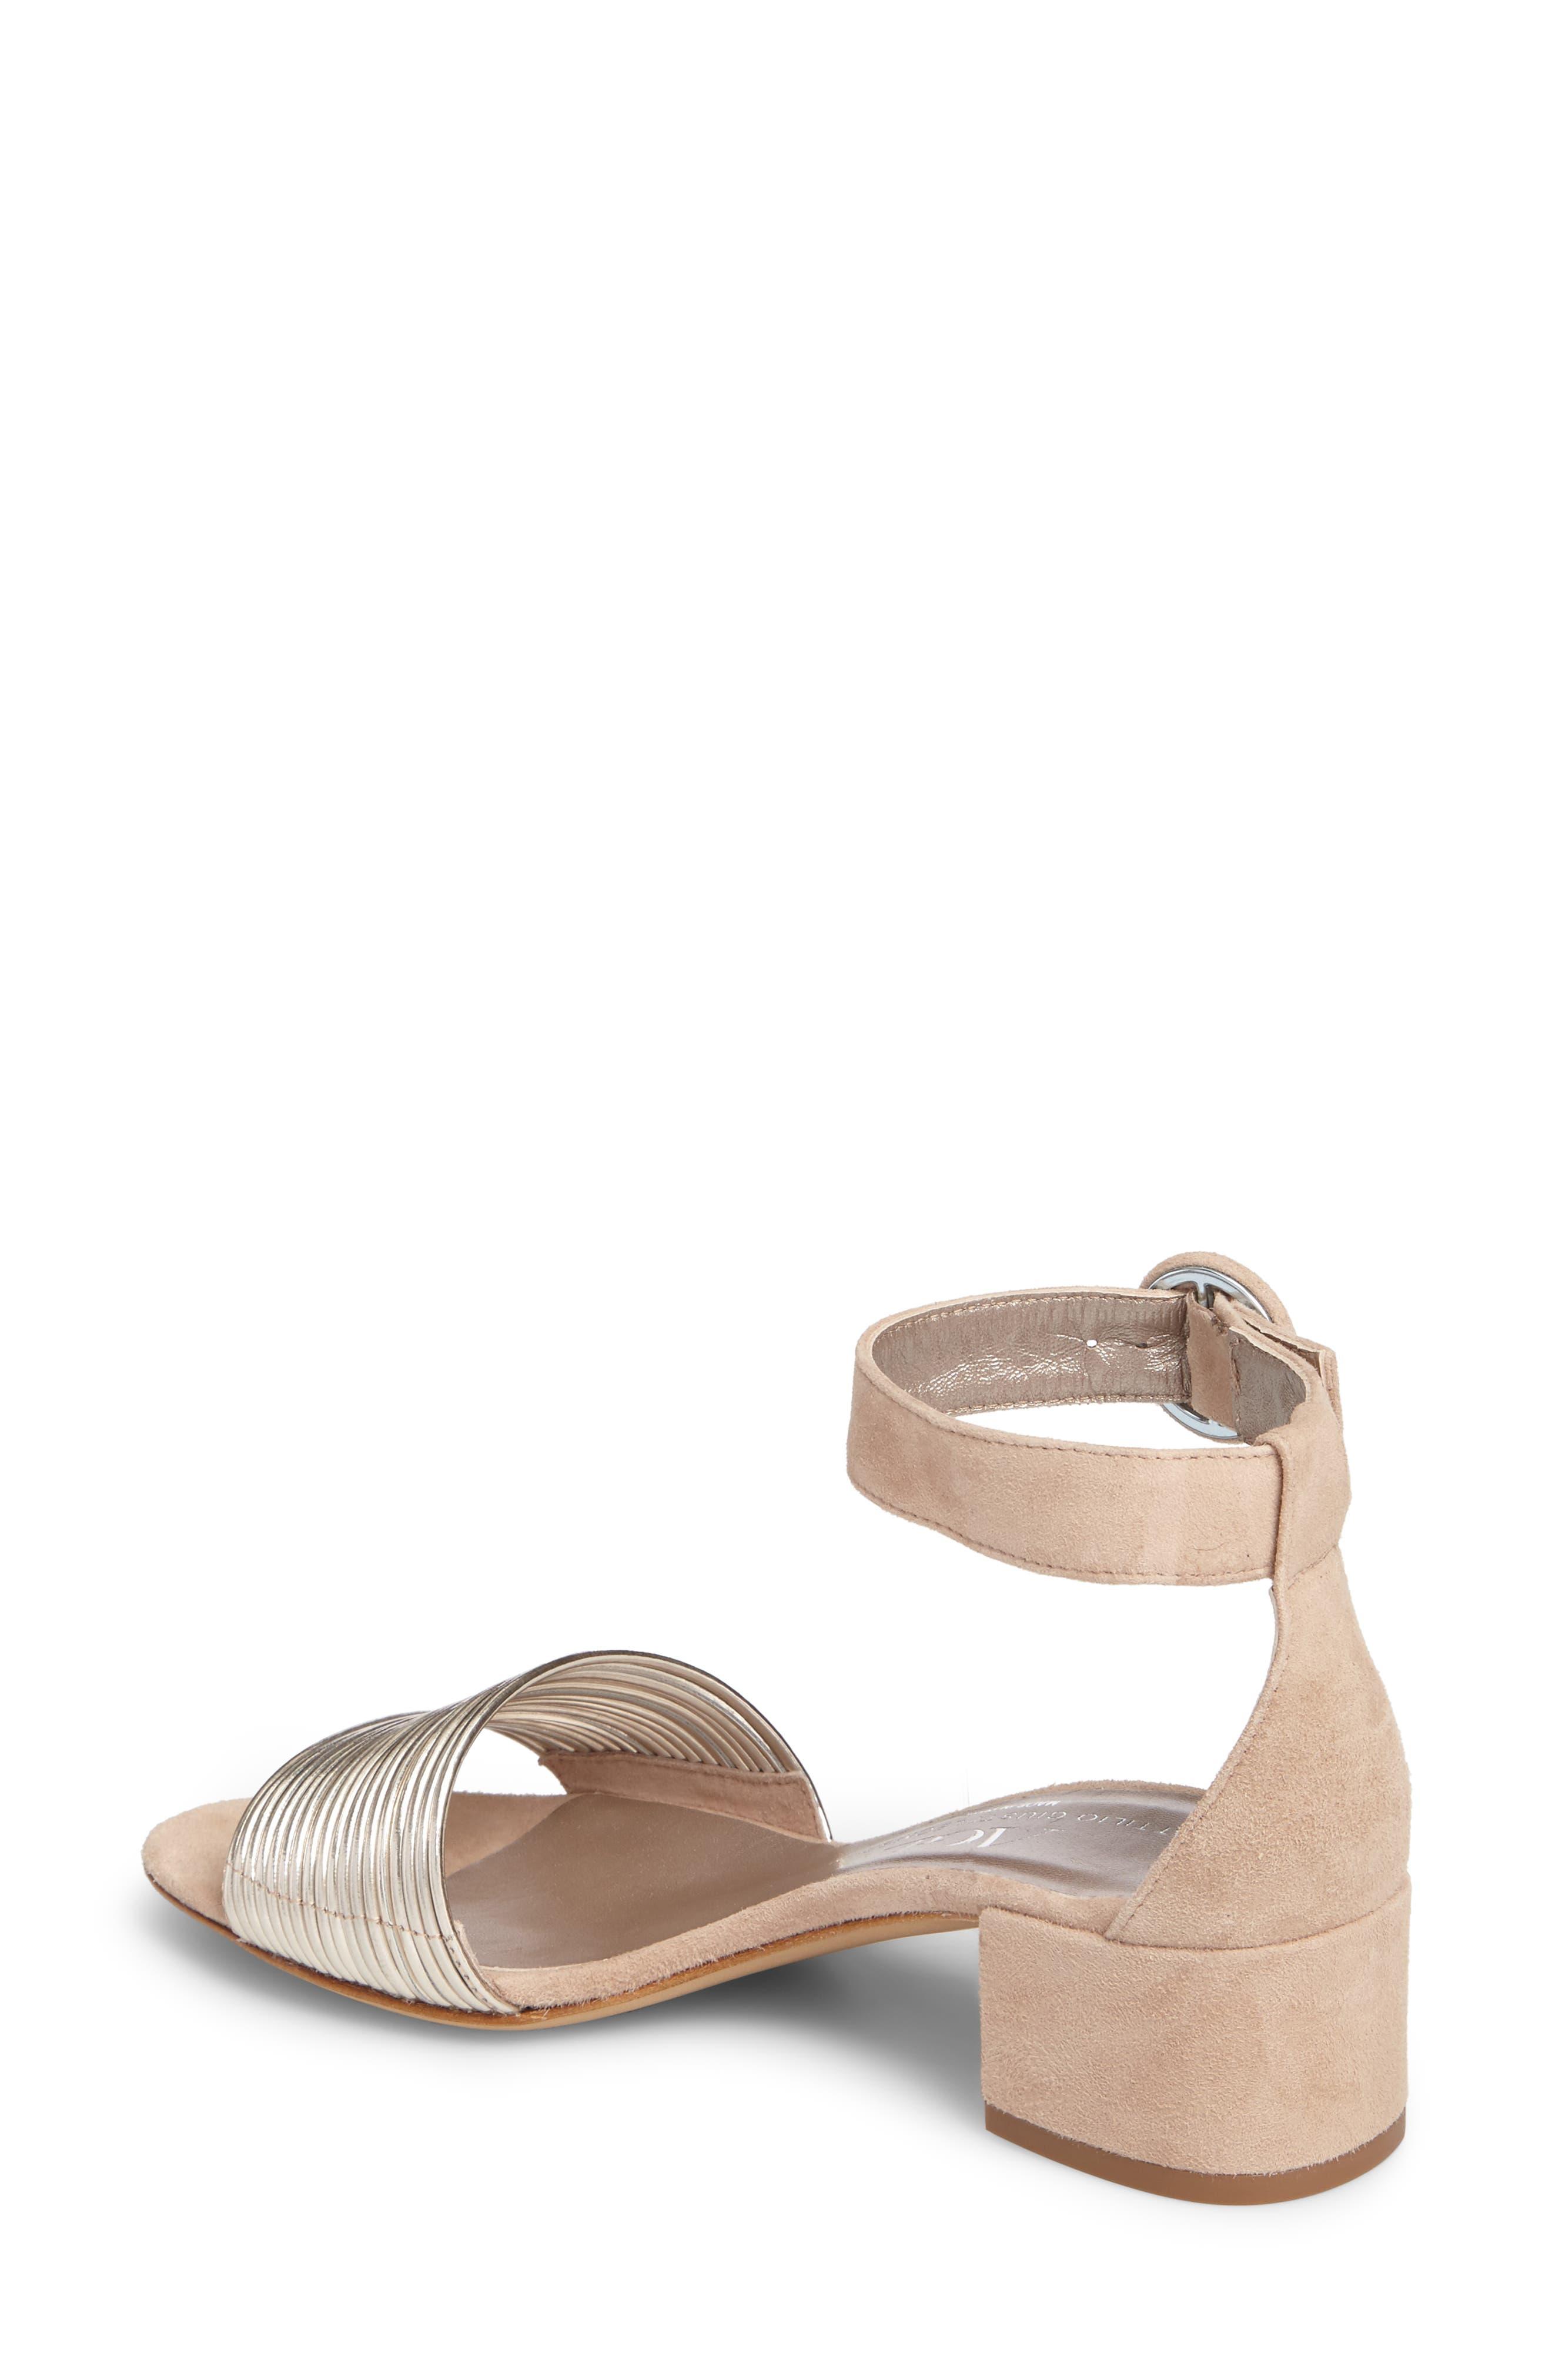 Ankle Strap Sandal,                             Alternate thumbnail 2, color,                             PLATINUM SUEDE